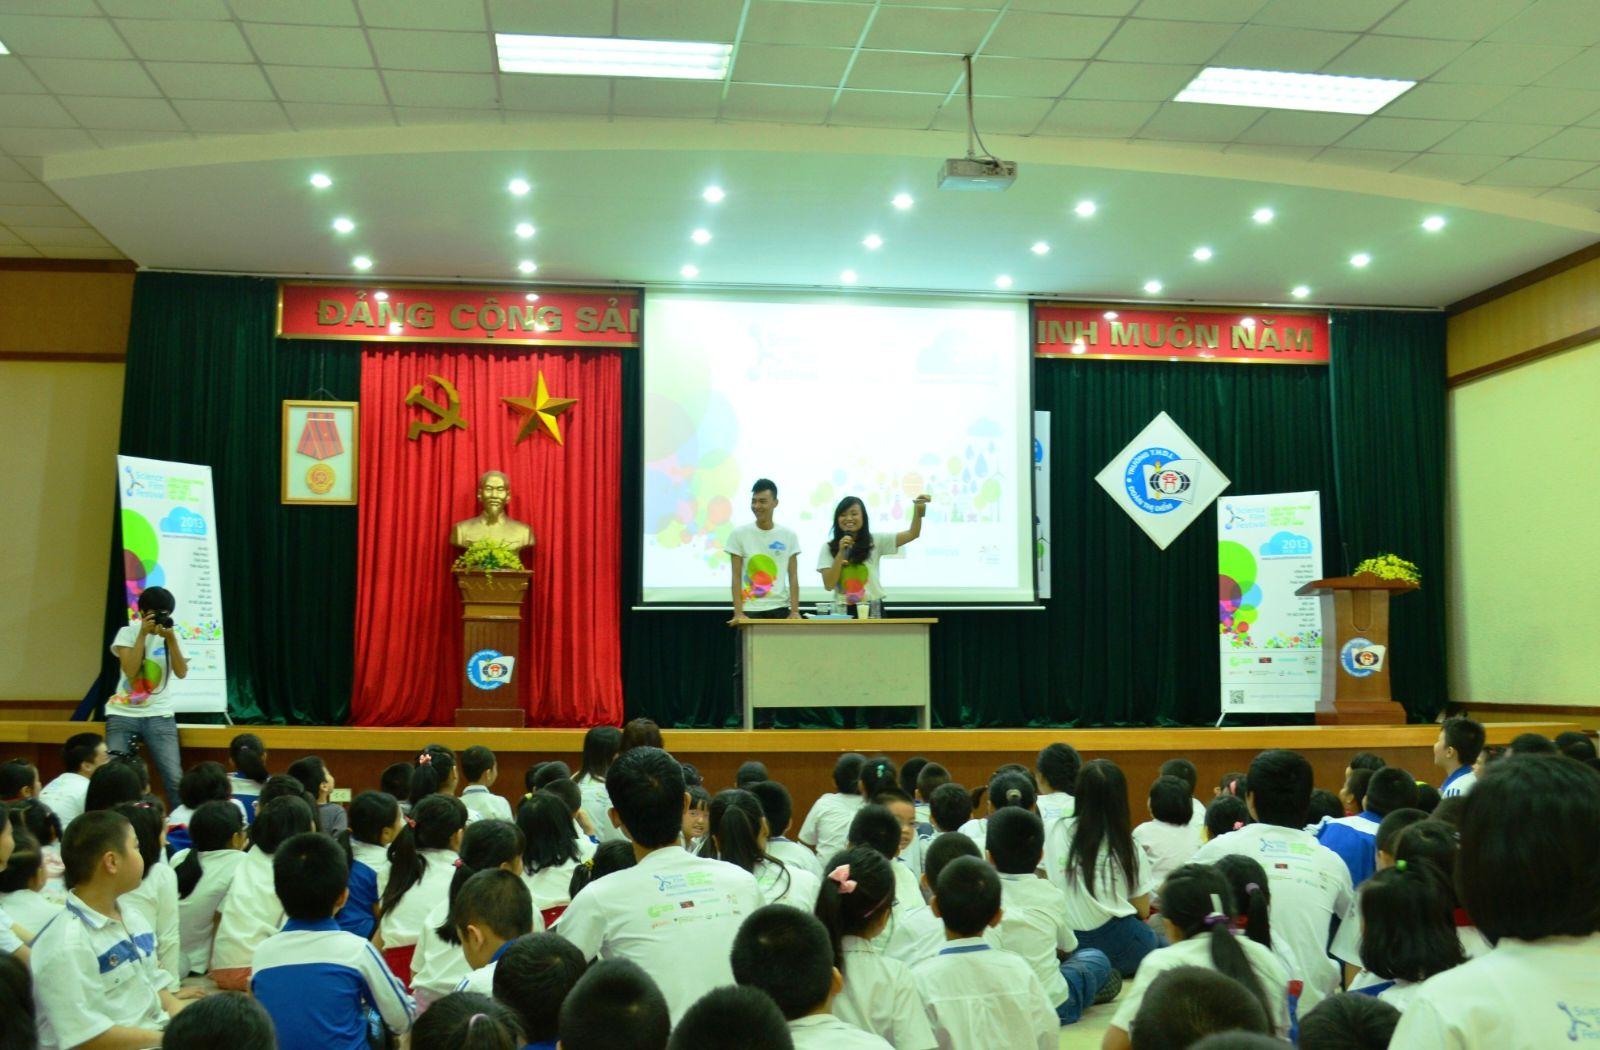 Huong dan lam thi nghiem(1)